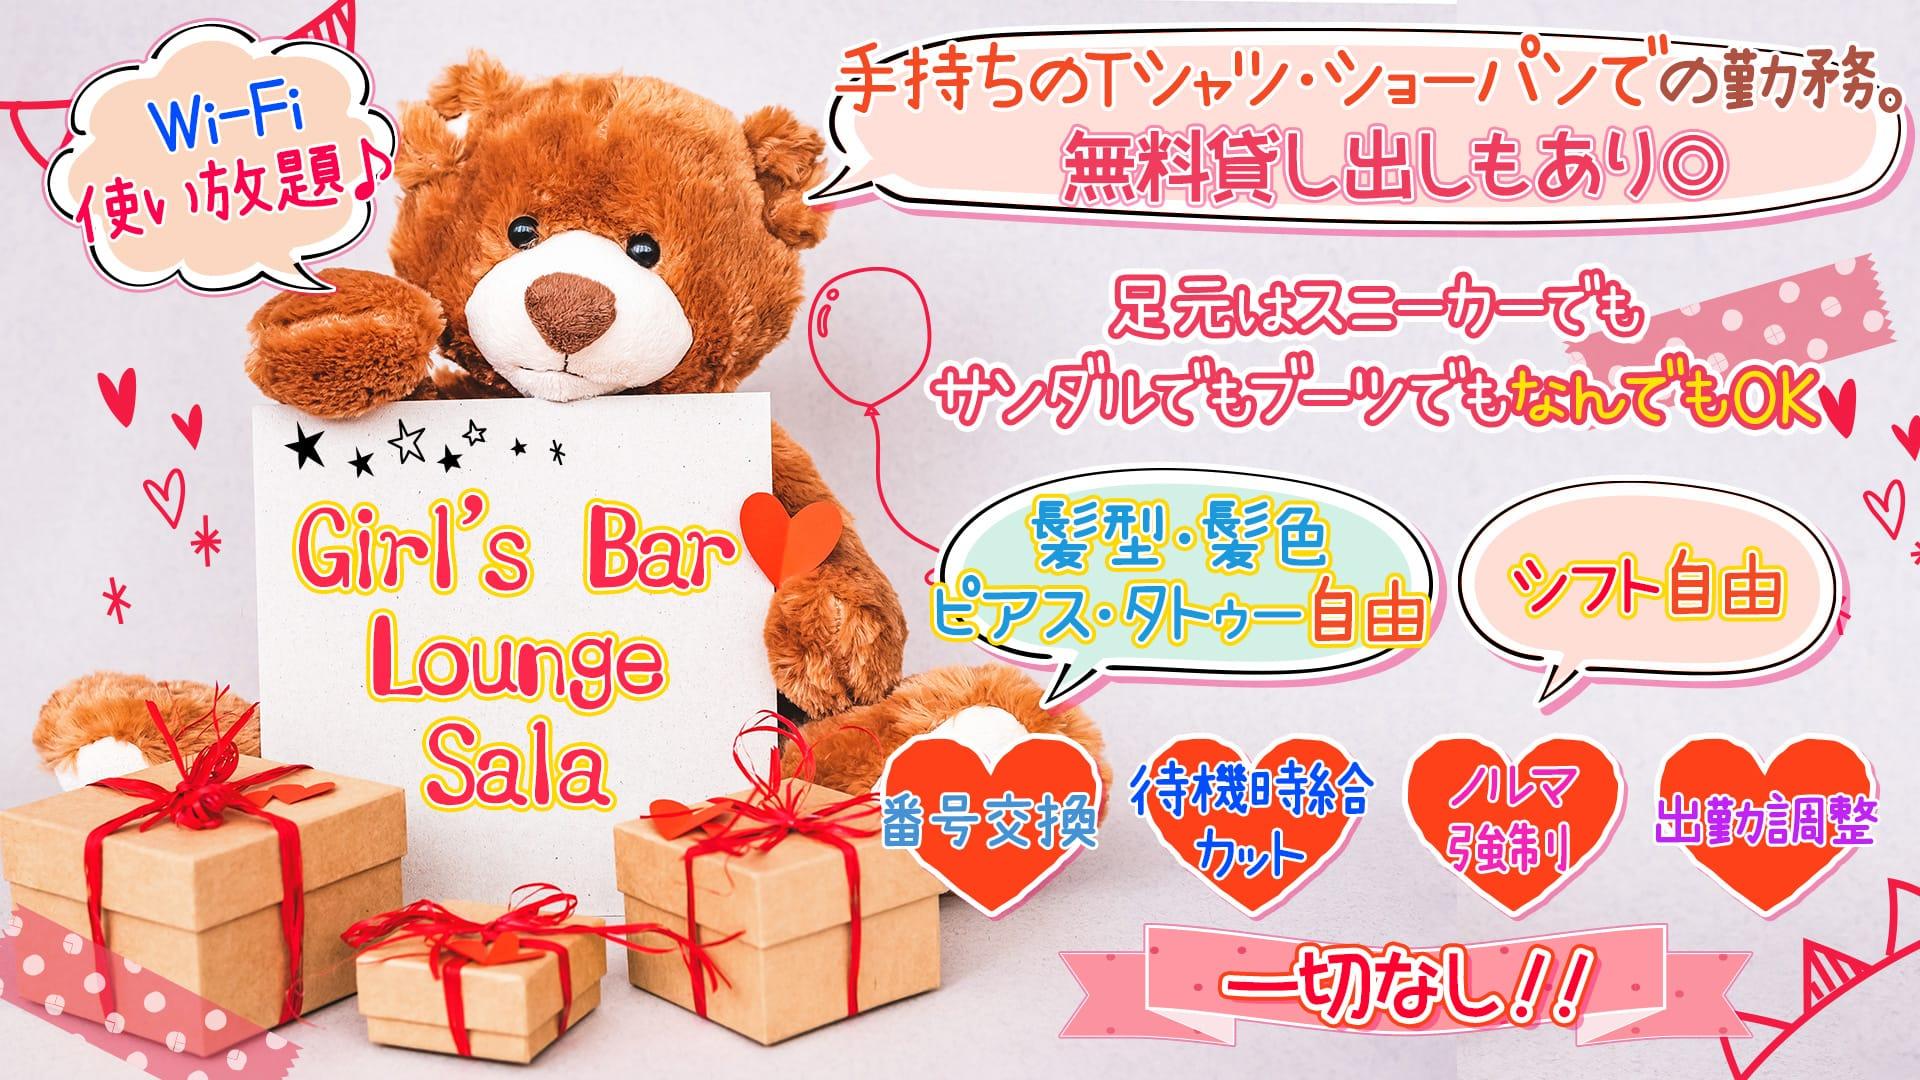 Girl's Bar Lounge Sala(サラ) 蒲田ガールズバー TOP画像